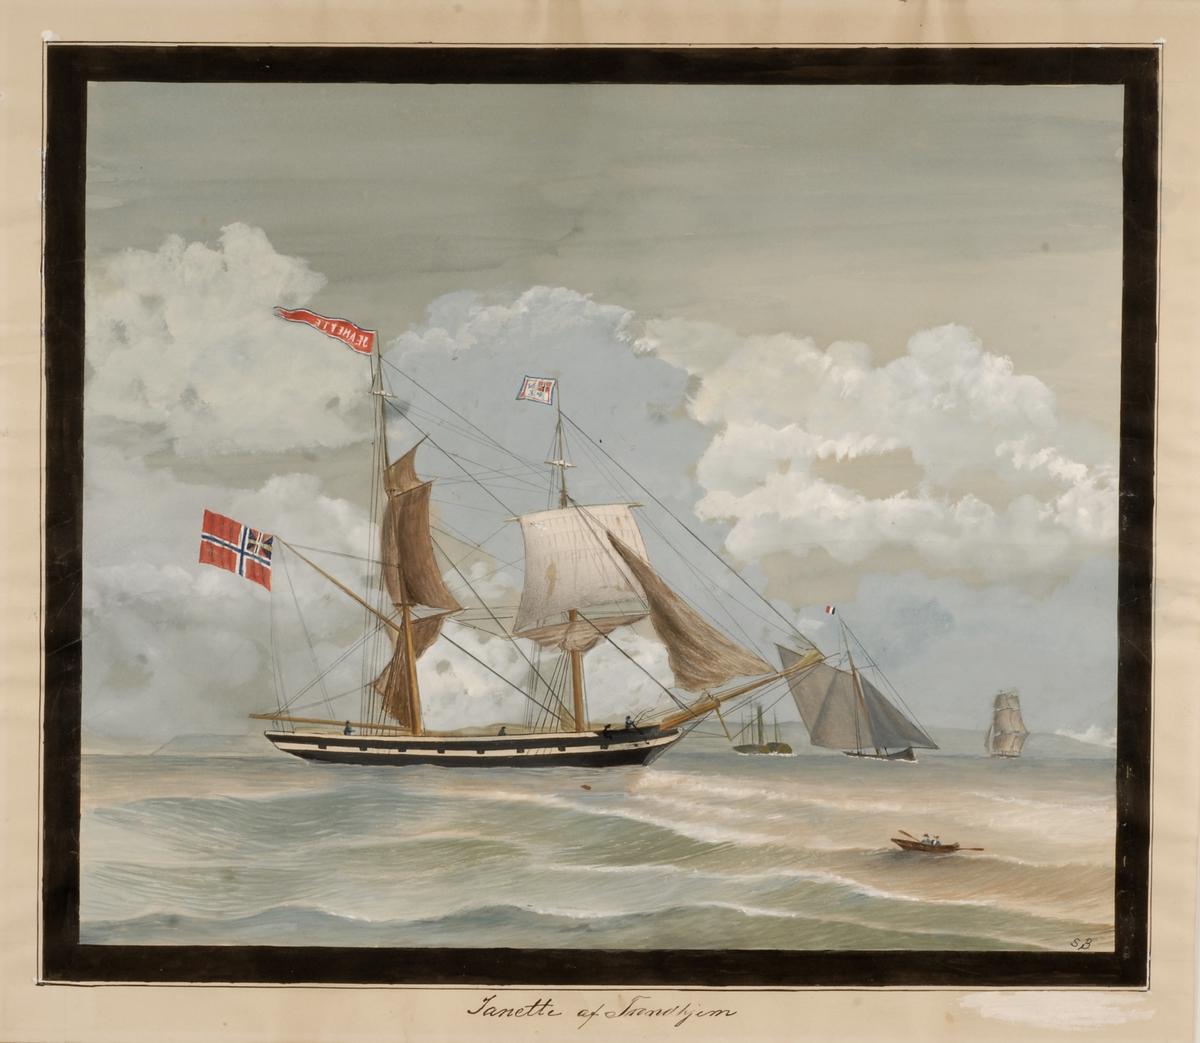 Briggen Jeanette  av Trondhjem på sjøen. Et par andre seilskip i bakgrunn og en robåt i forgrunn.